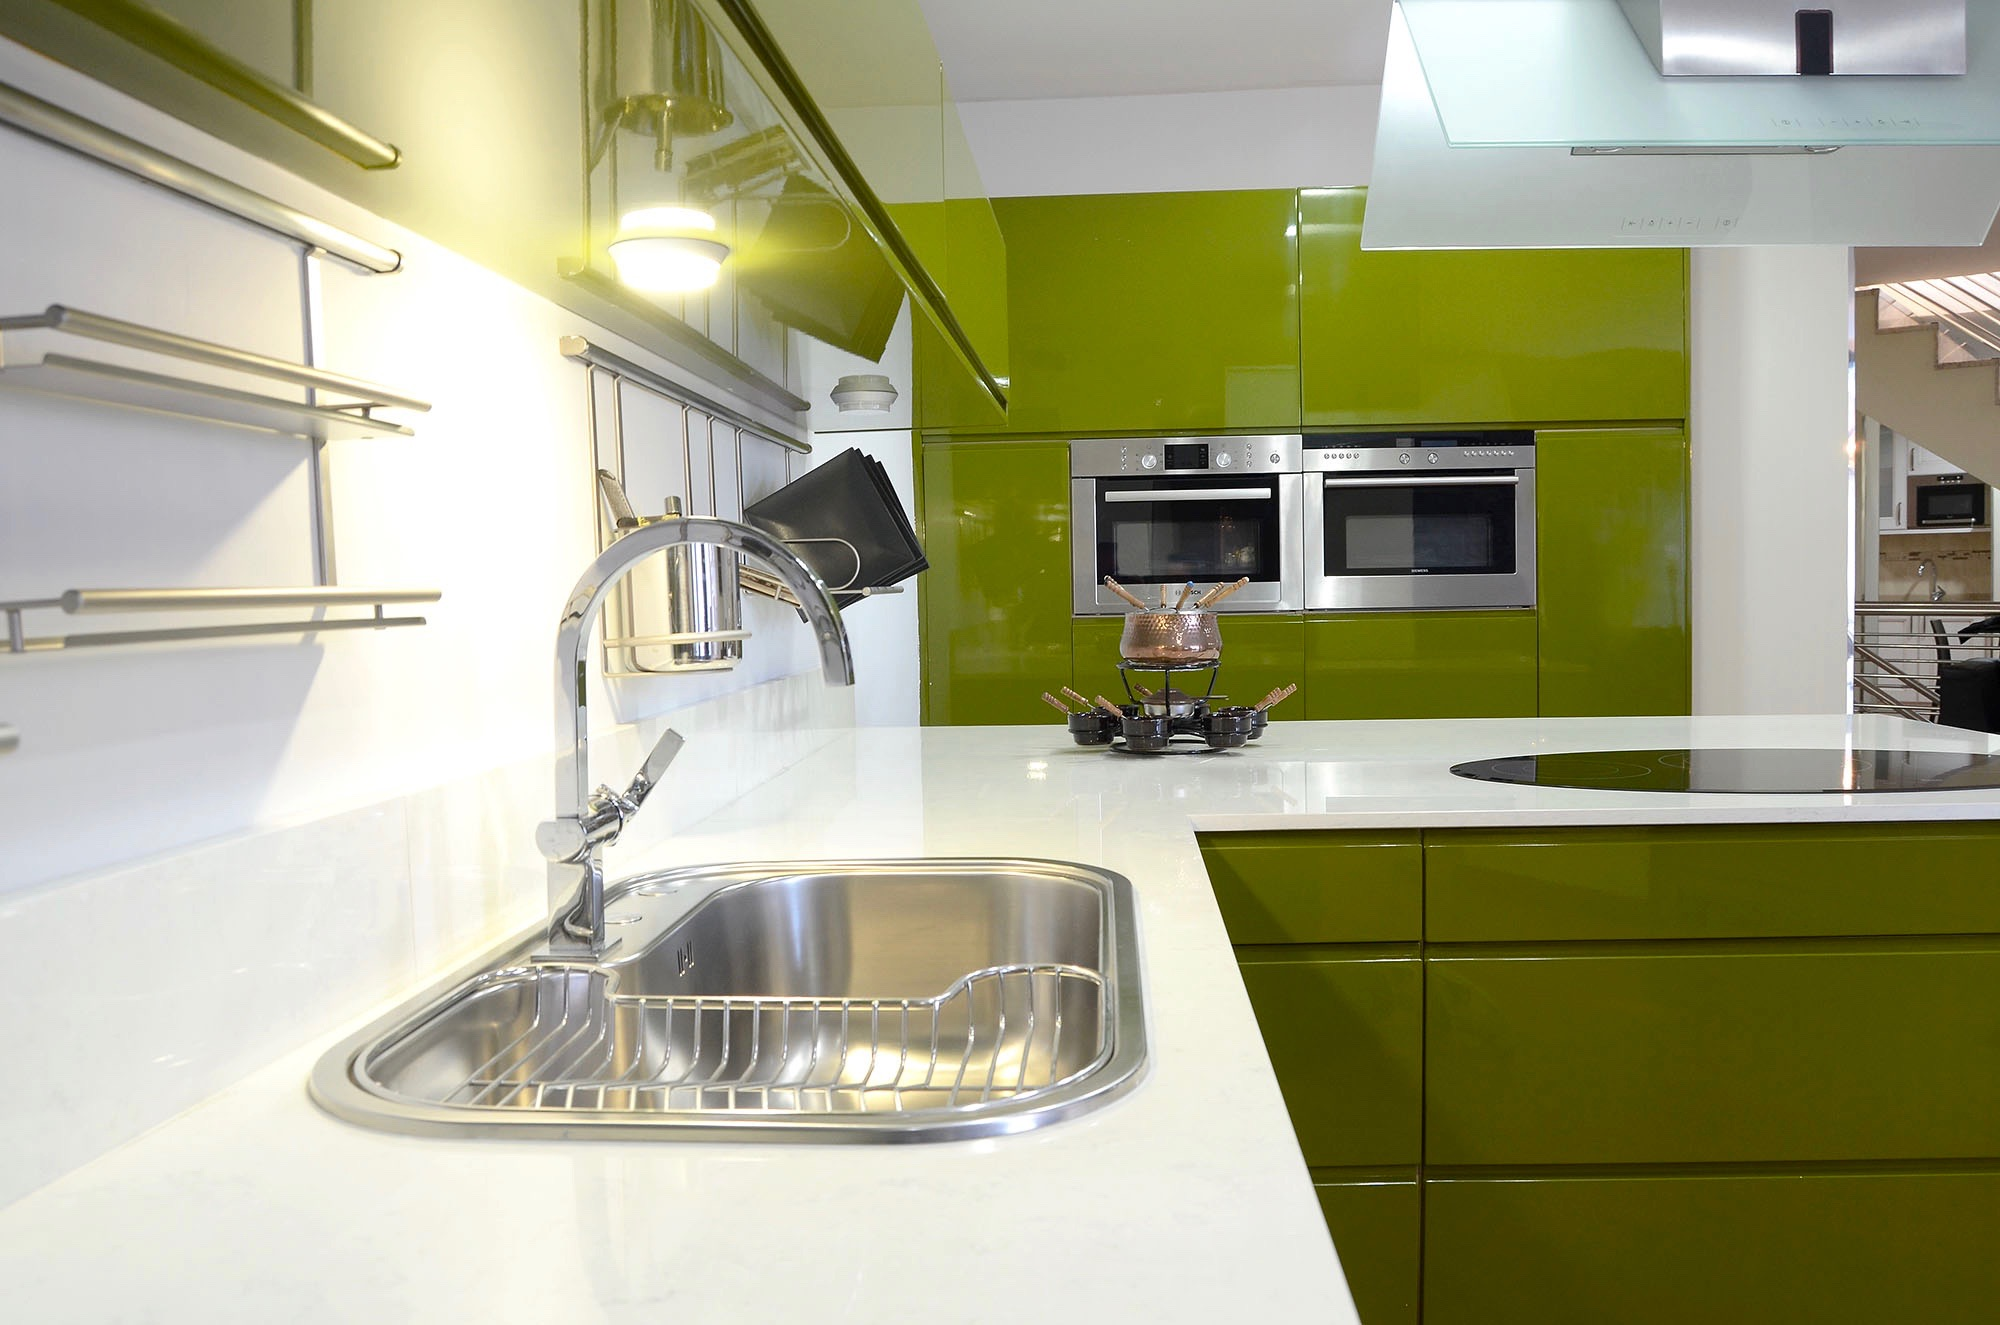 Nuestras cocinas-Quality14 - Tienda de muebles de cocina y ...